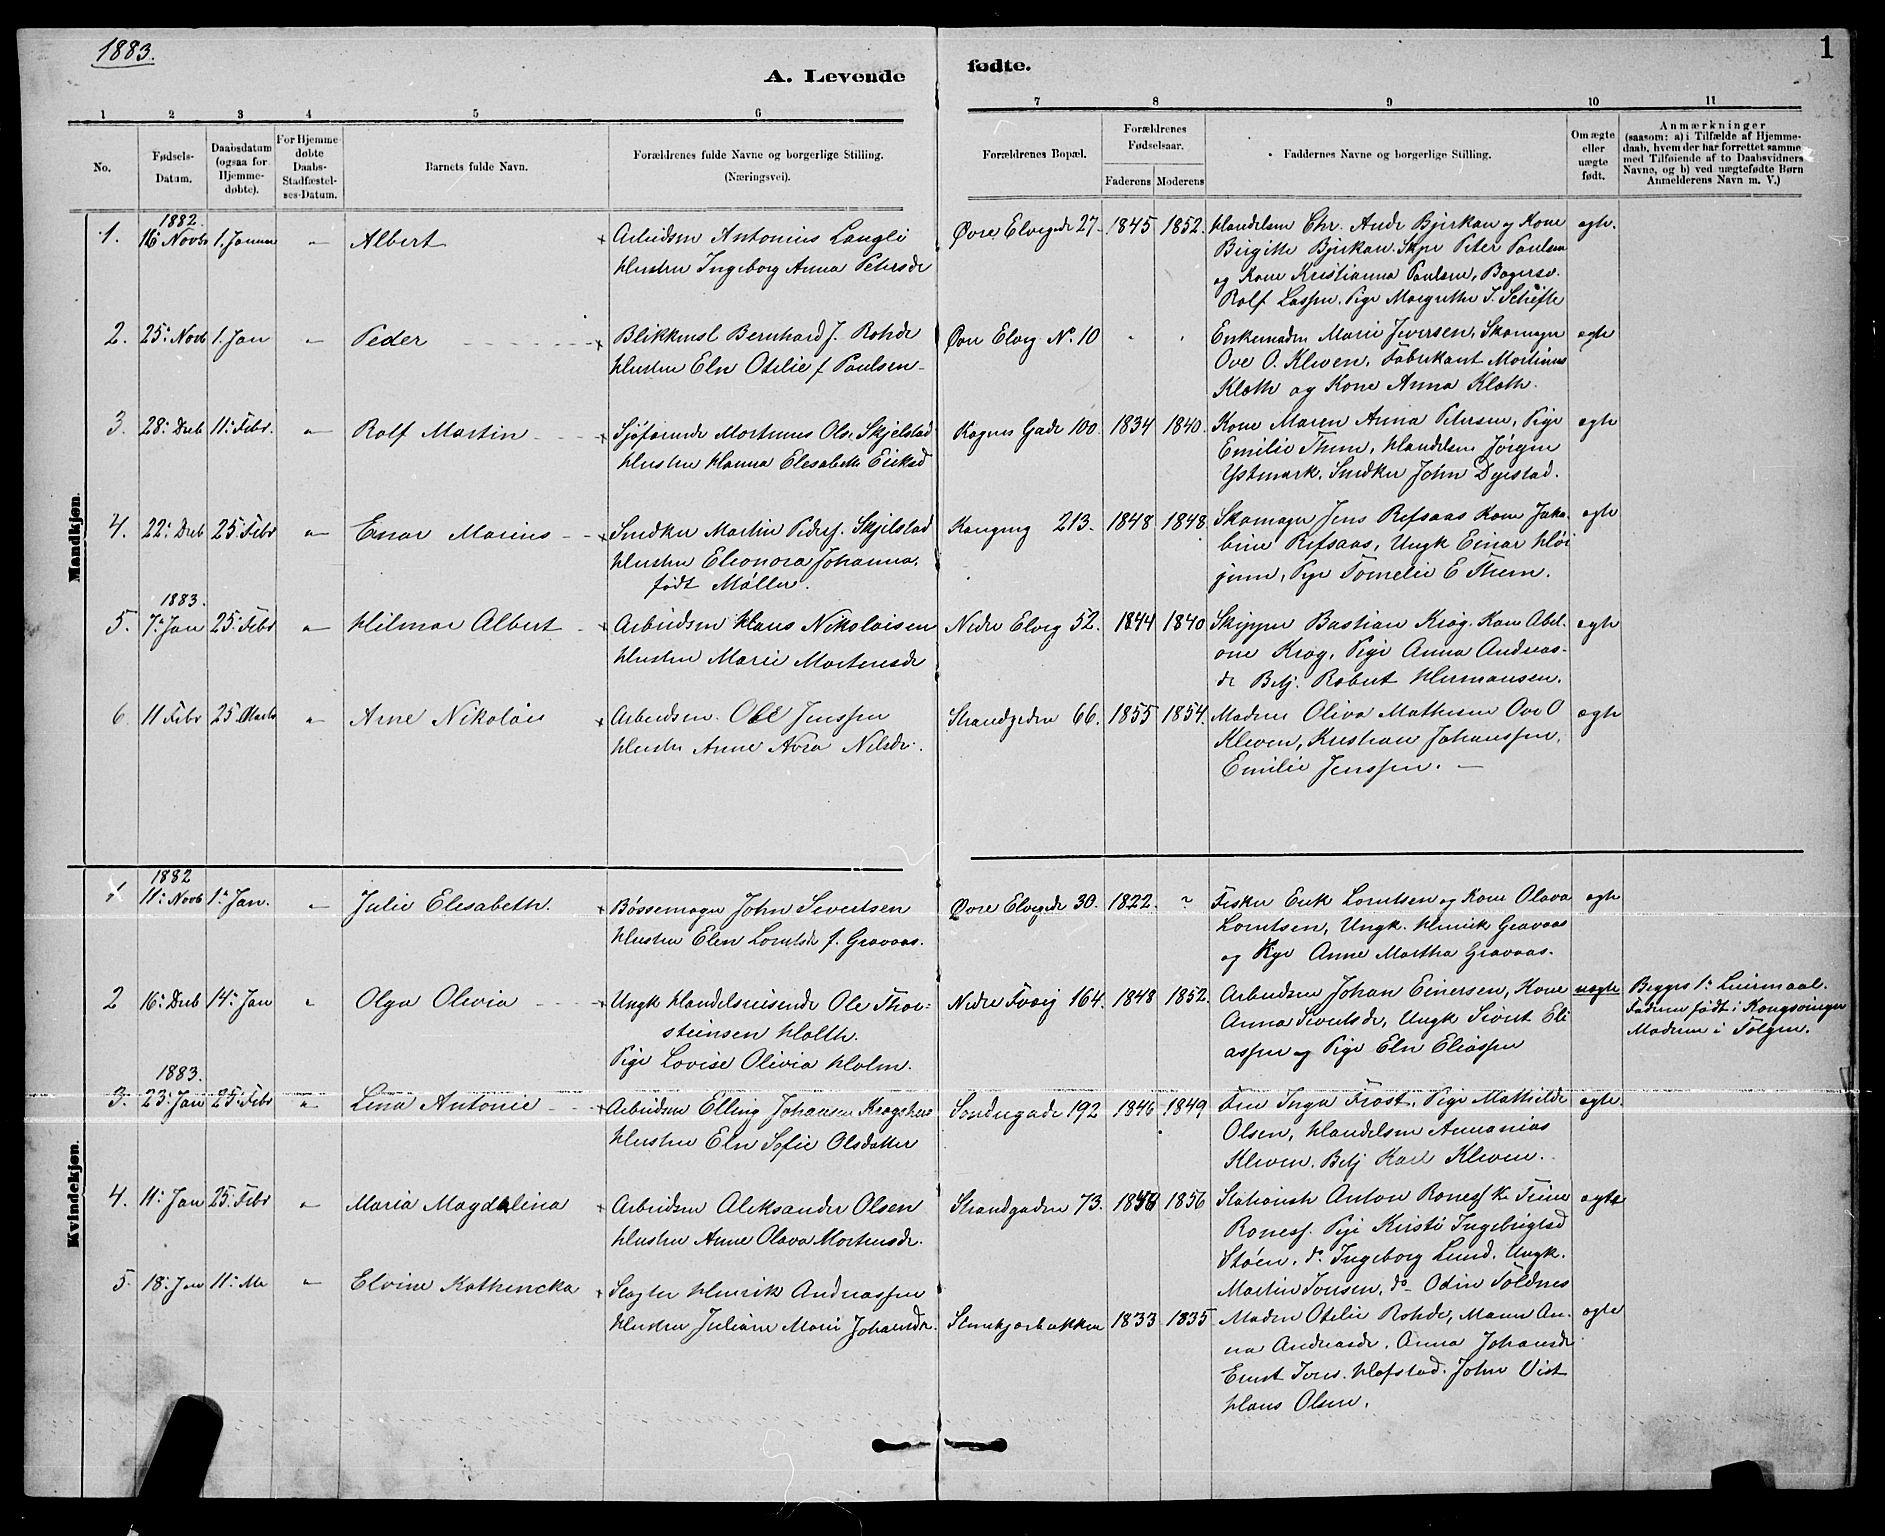 SAT, Ministerialprotokoller, klokkerbøker og fødselsregistre - Nord-Trøndelag, 739/L0374: Klokkerbok nr. 739C02, 1883-1898, s. 1